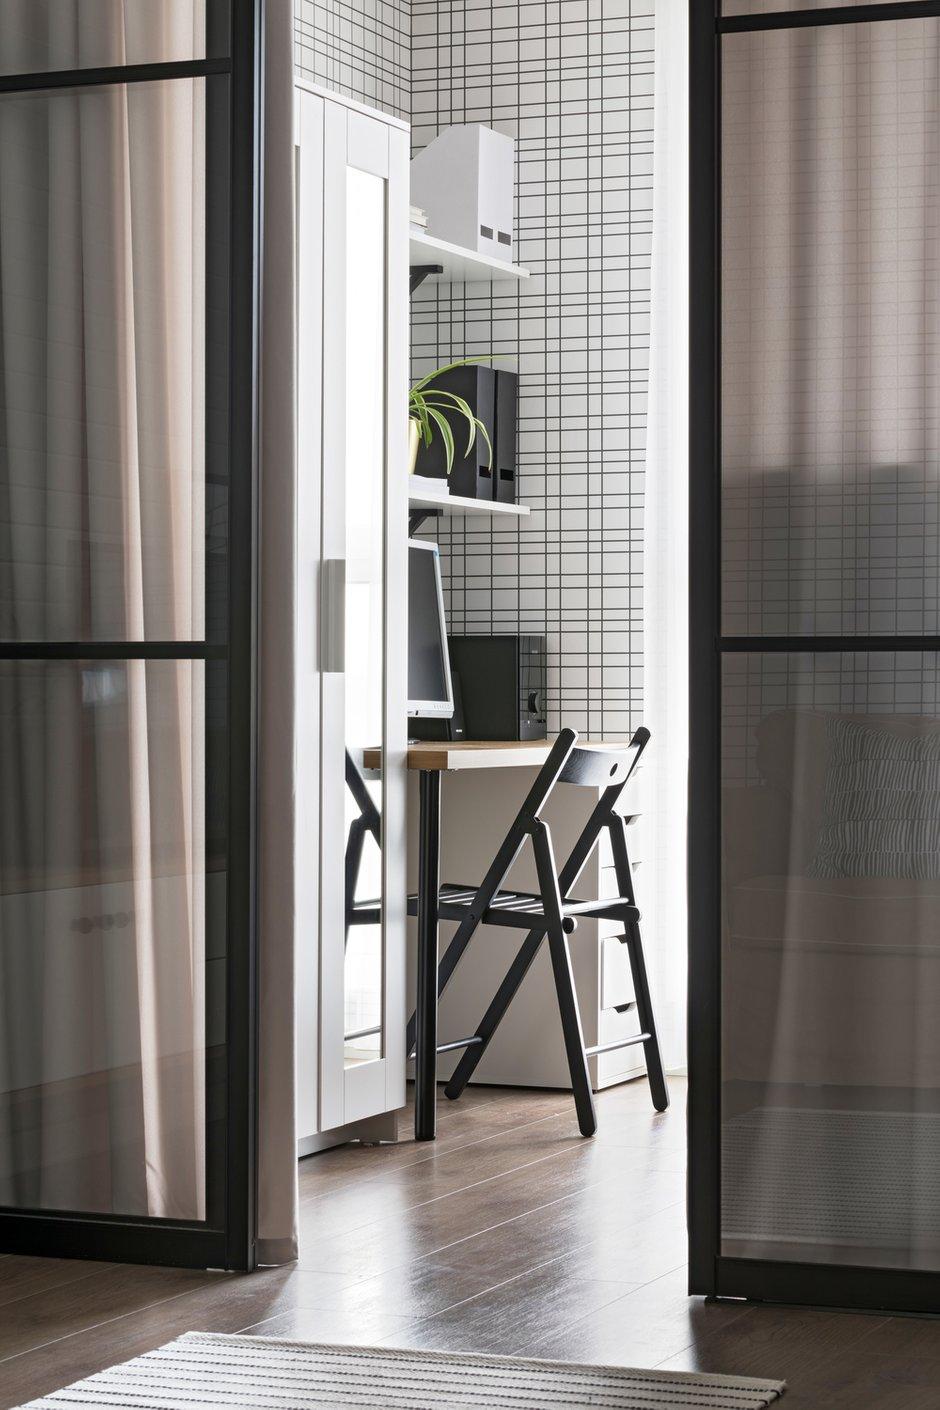 В спальне разместились гардеробный шкаф для одежды клиентов, также рабочая зона с полками для хранения.